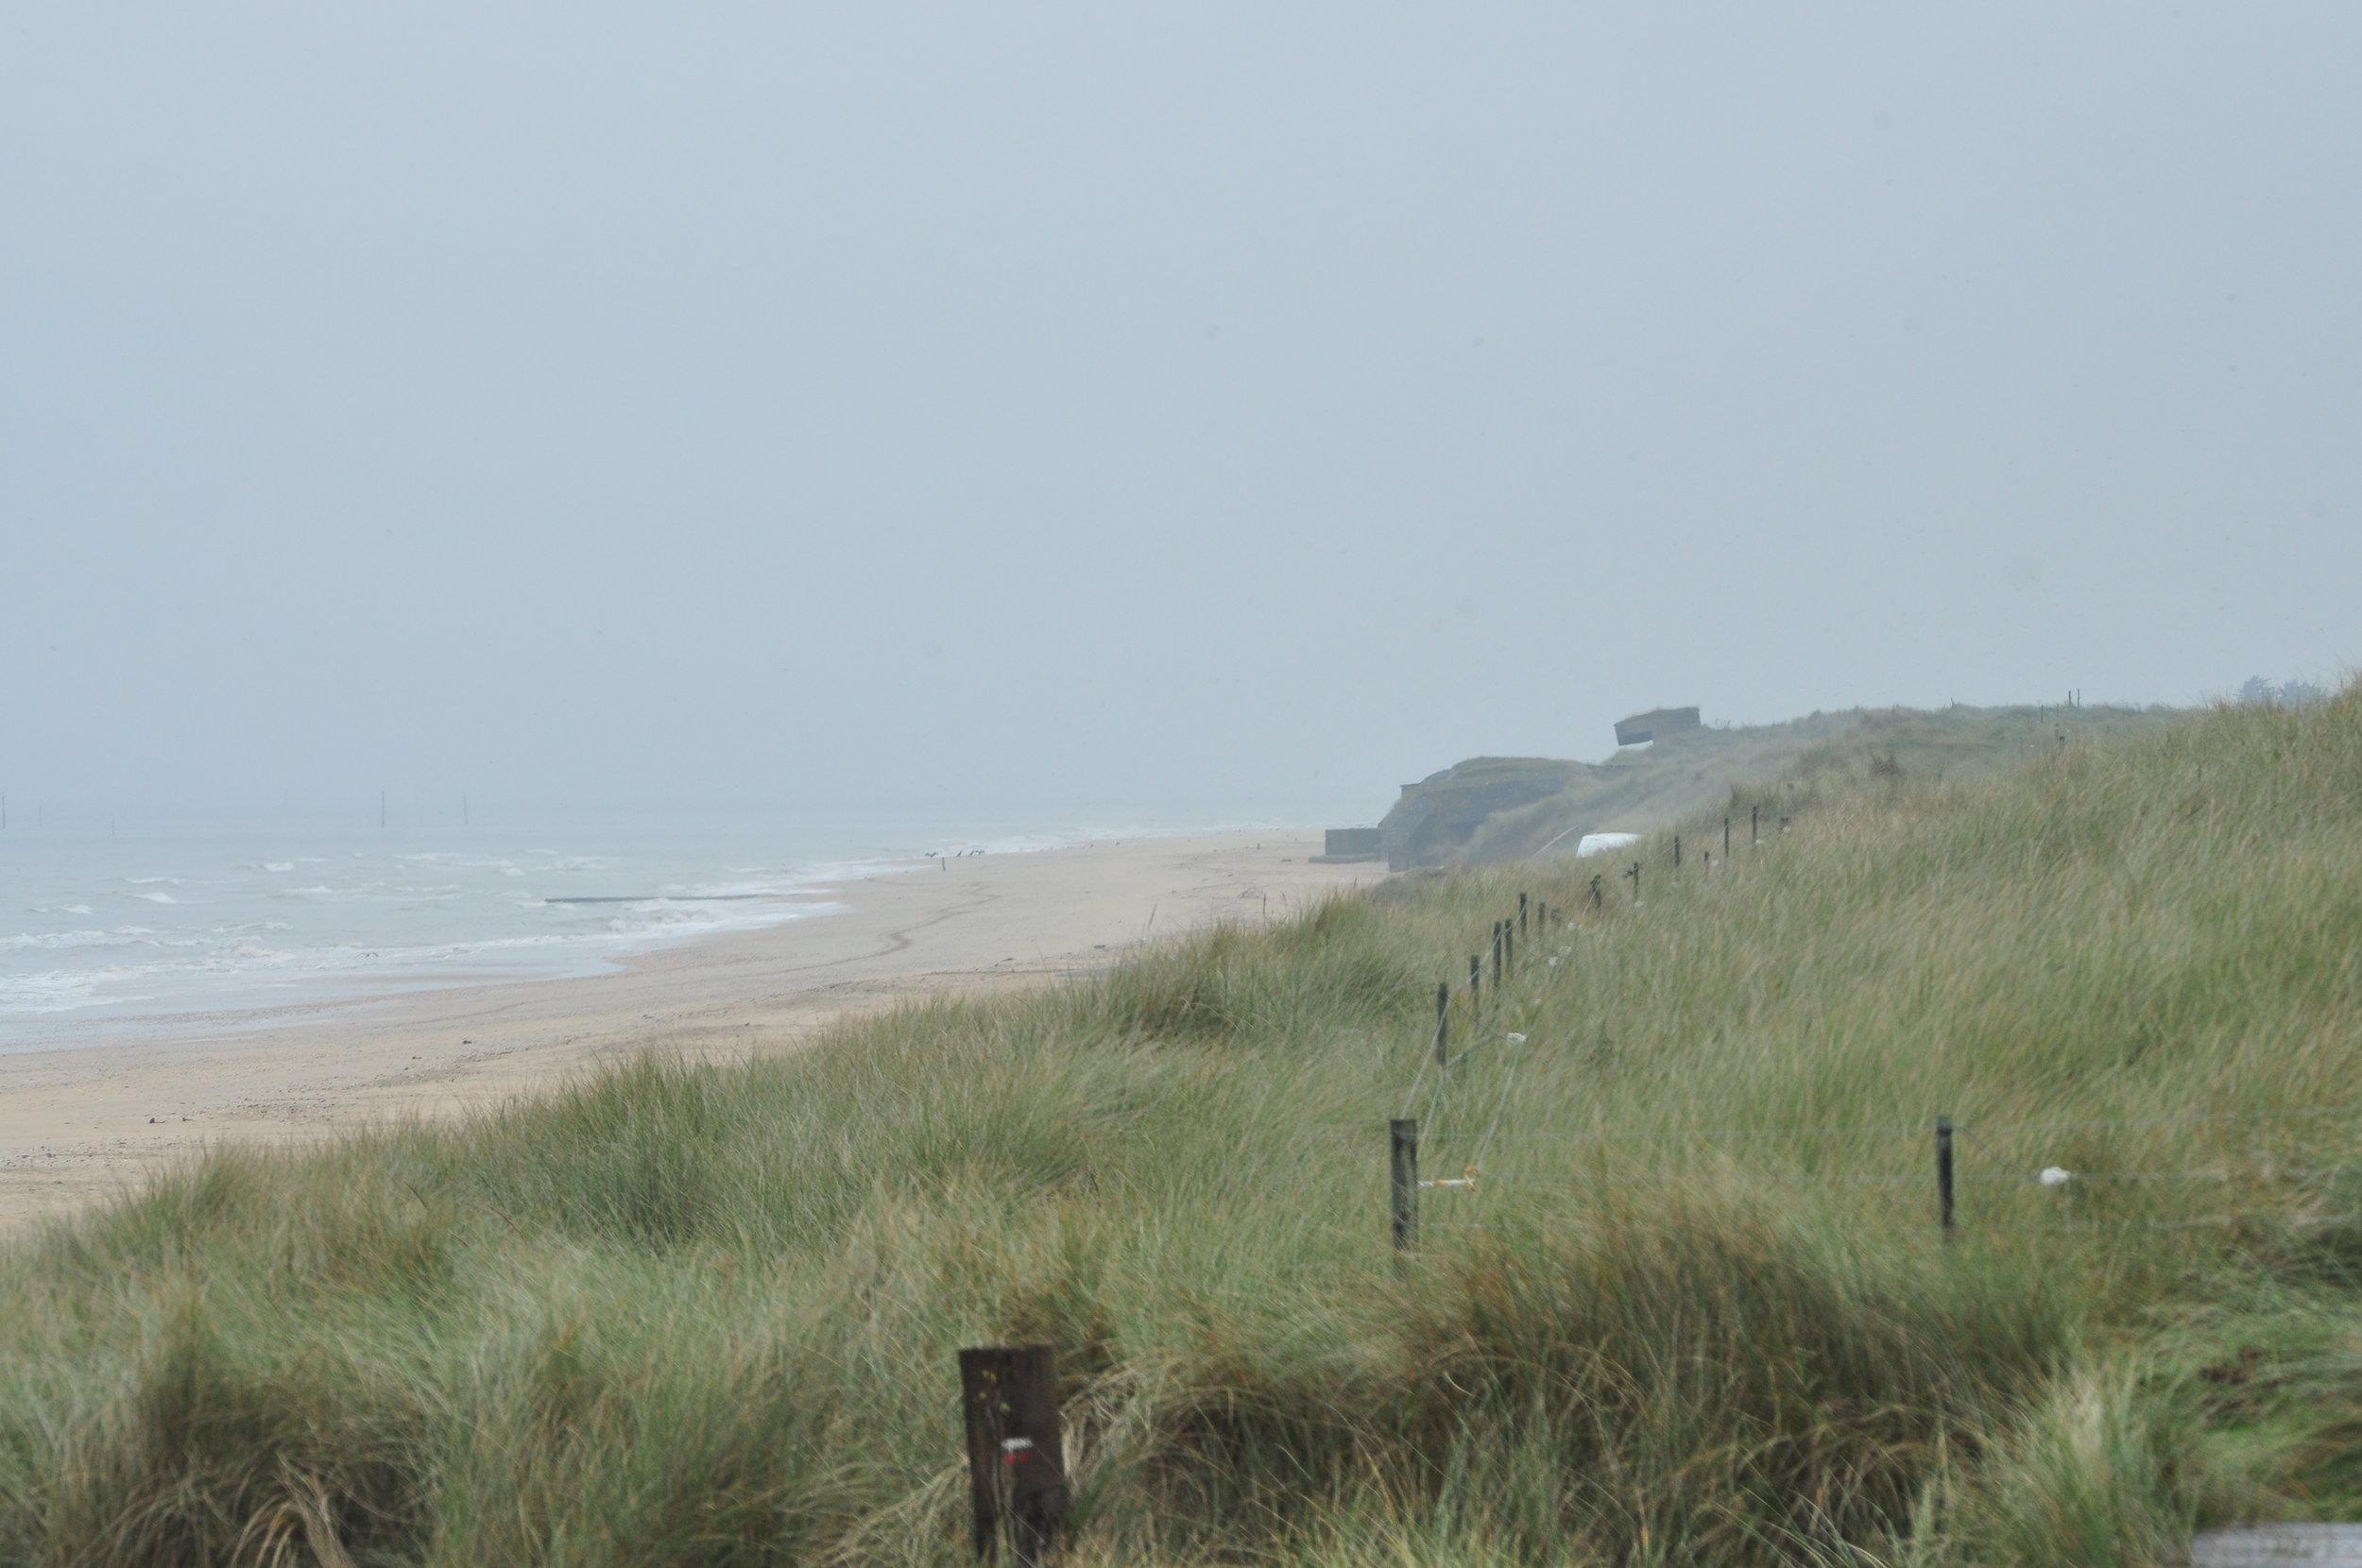 Omaha Beach, D'Day Landing Site